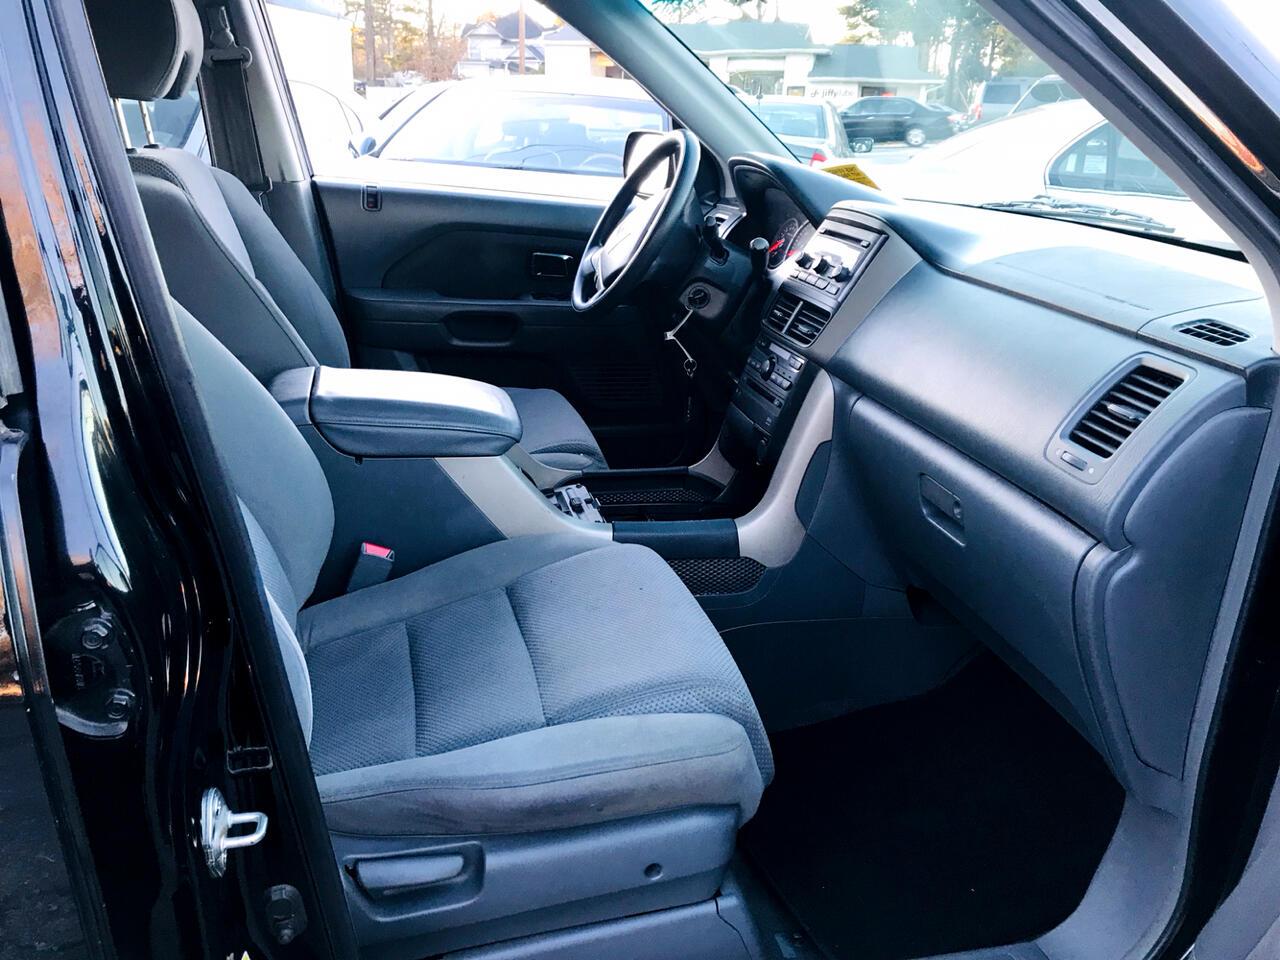 2008 Honda Pilot SE 2WD